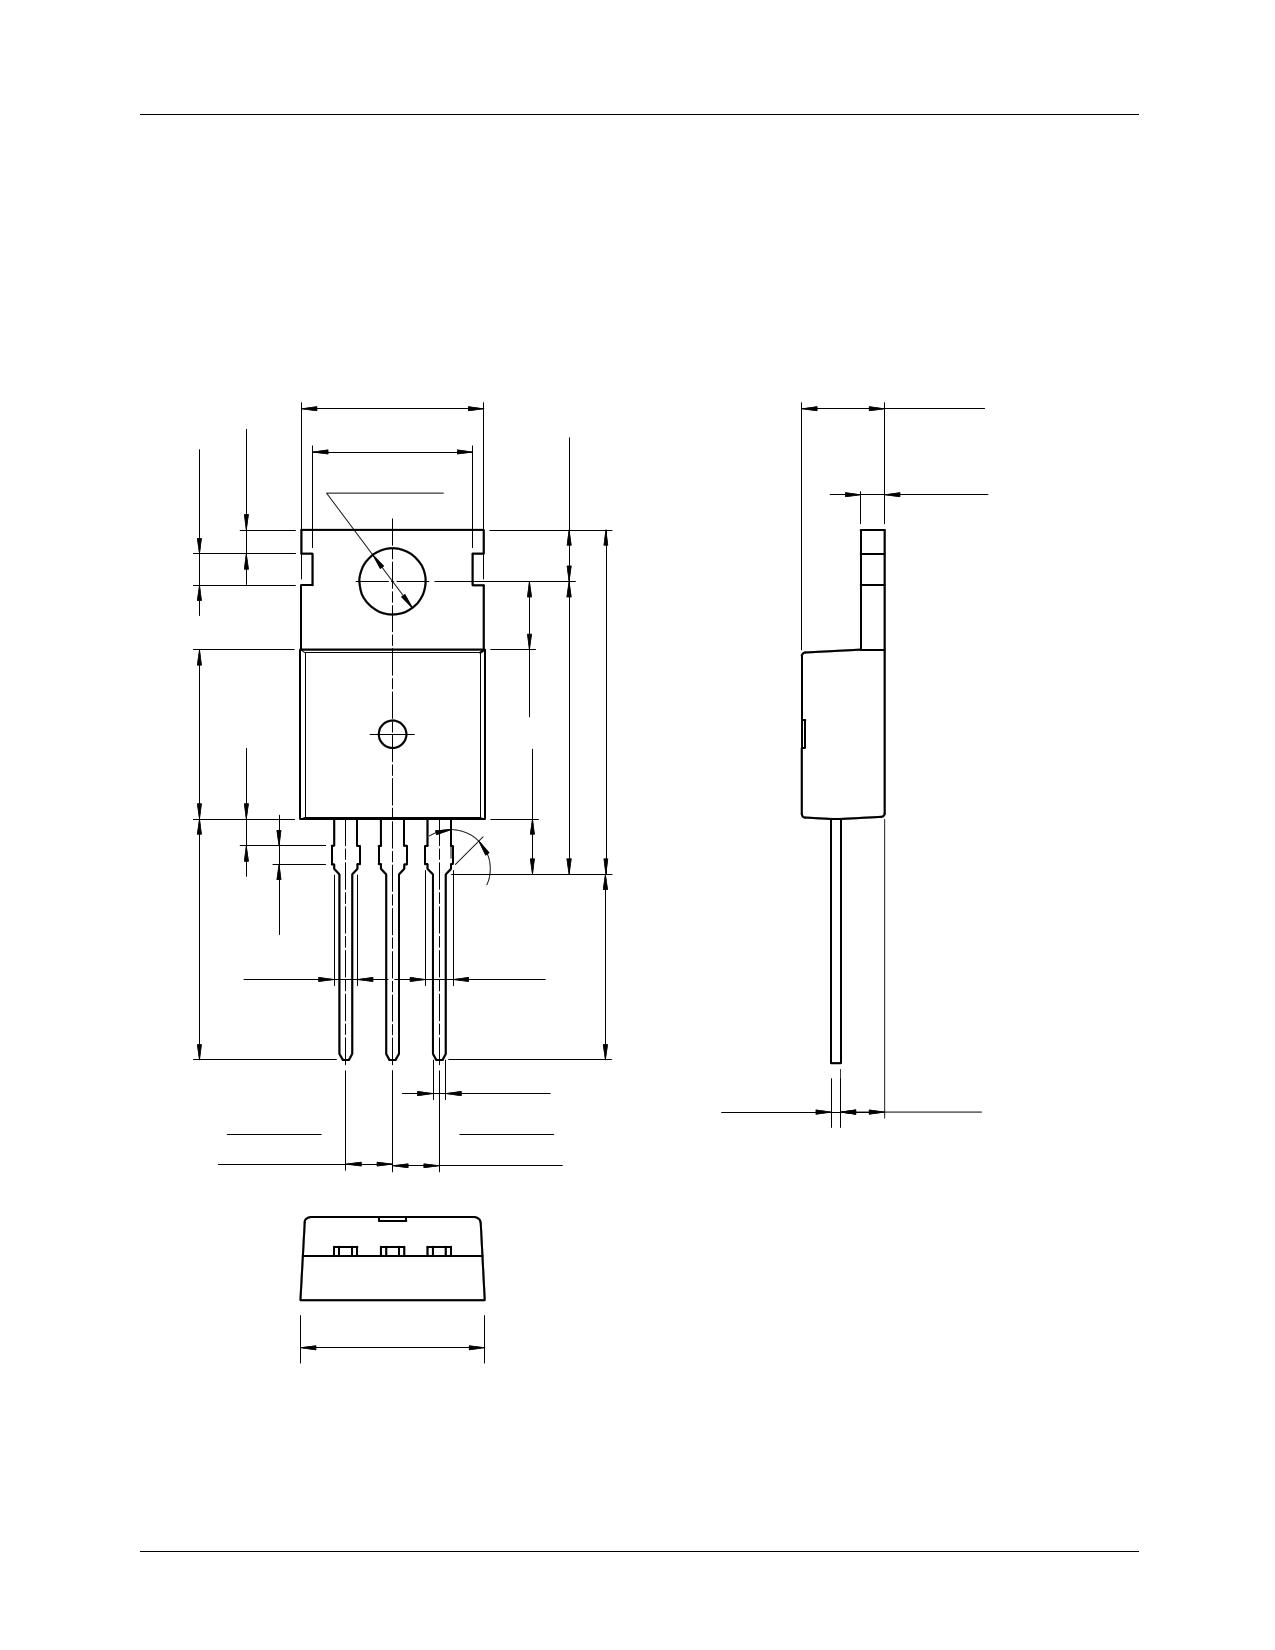 KA78T12 電子部品, 半導体